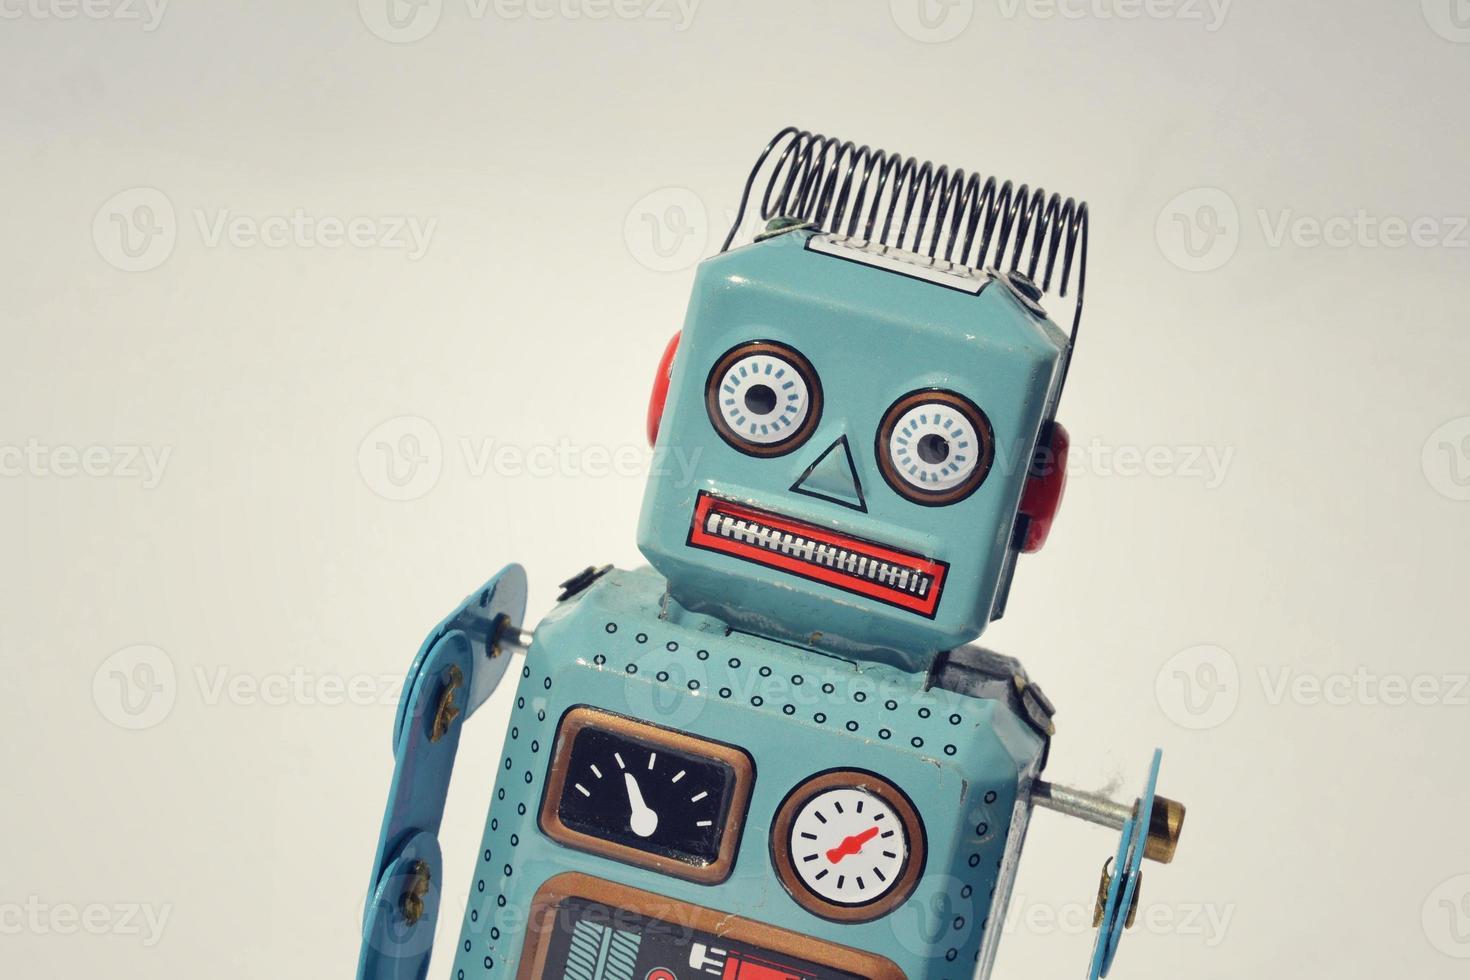 Robot jouet en étain vintage photo